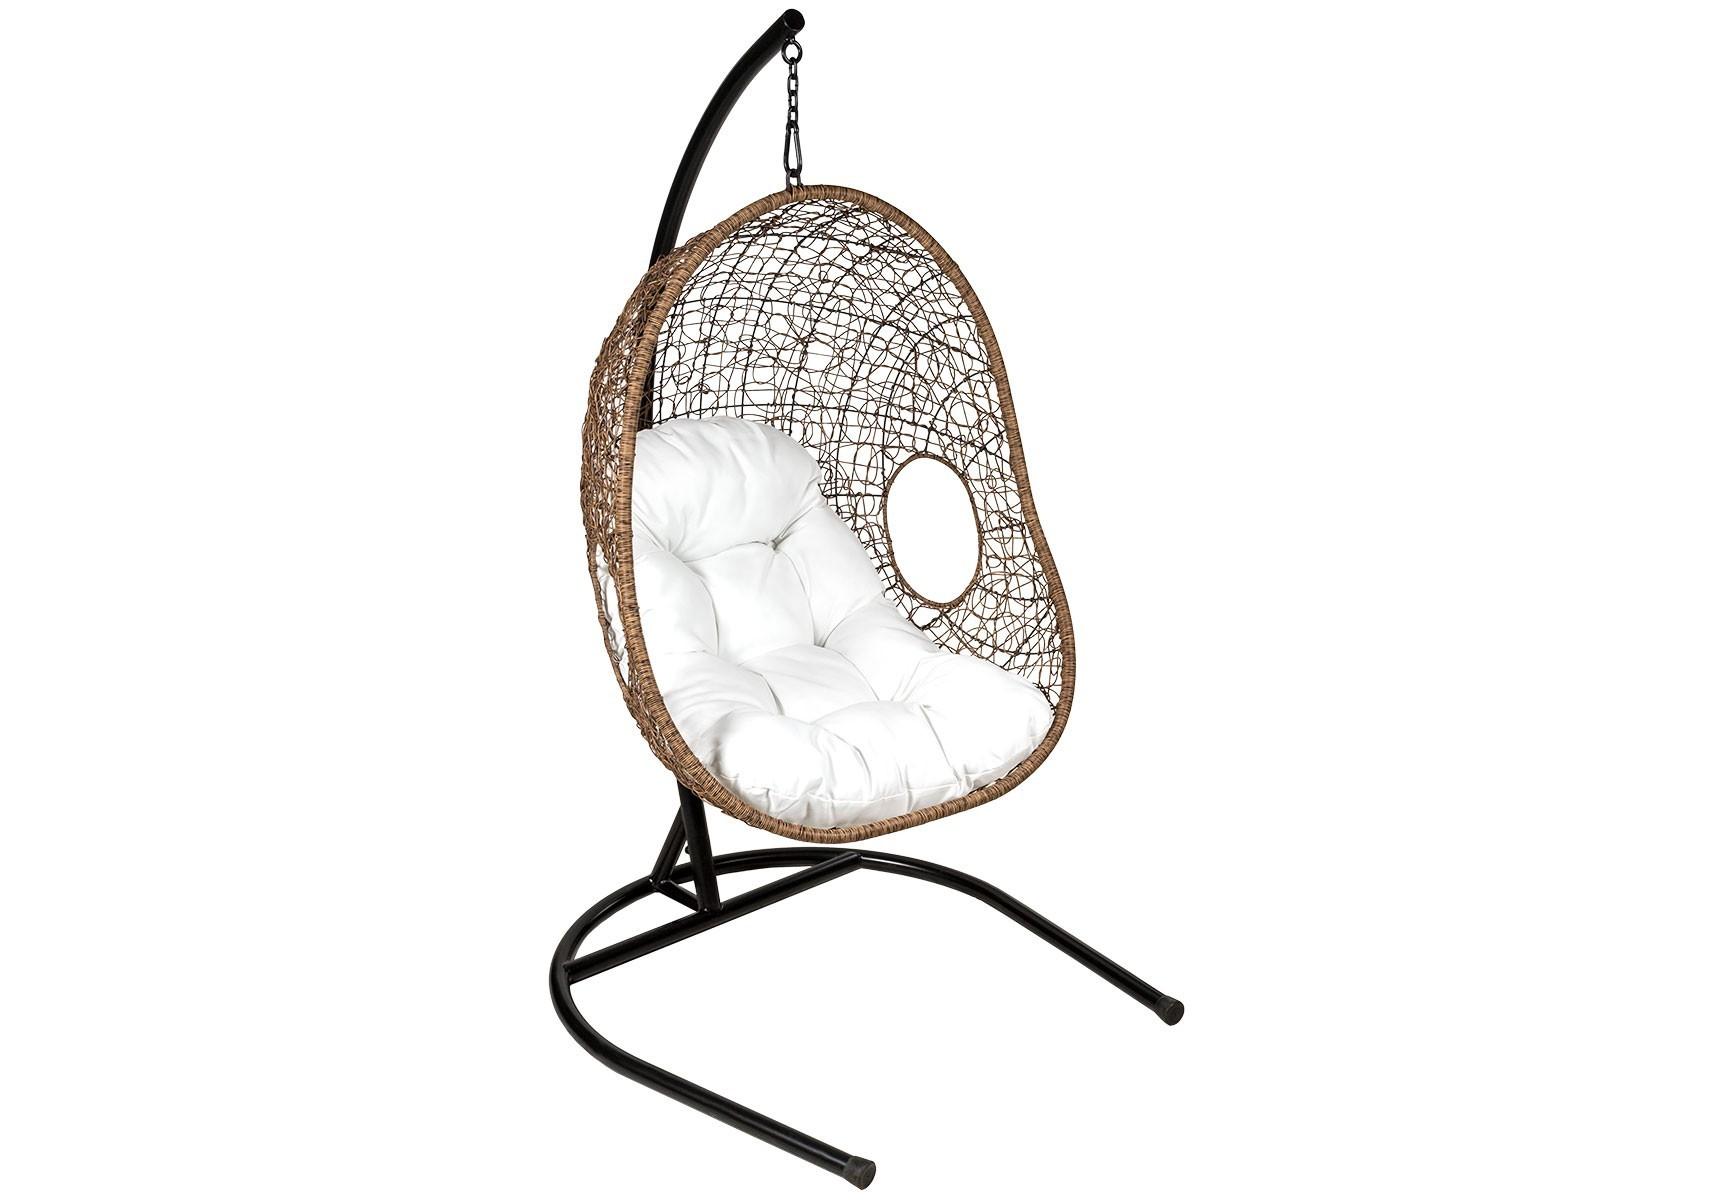 Подвесное кресло OrleanПодвесные кресла<br>Подвесное кресло Orlean из искусственного 5-мм круглого ротанга коричневого цвета на стальном каркасе. Подушка включена в стоимость.<br><br>Material: Искусственный ротанг<br>Ширина см: 88<br>Высота см: 183<br>Глубина см: 71